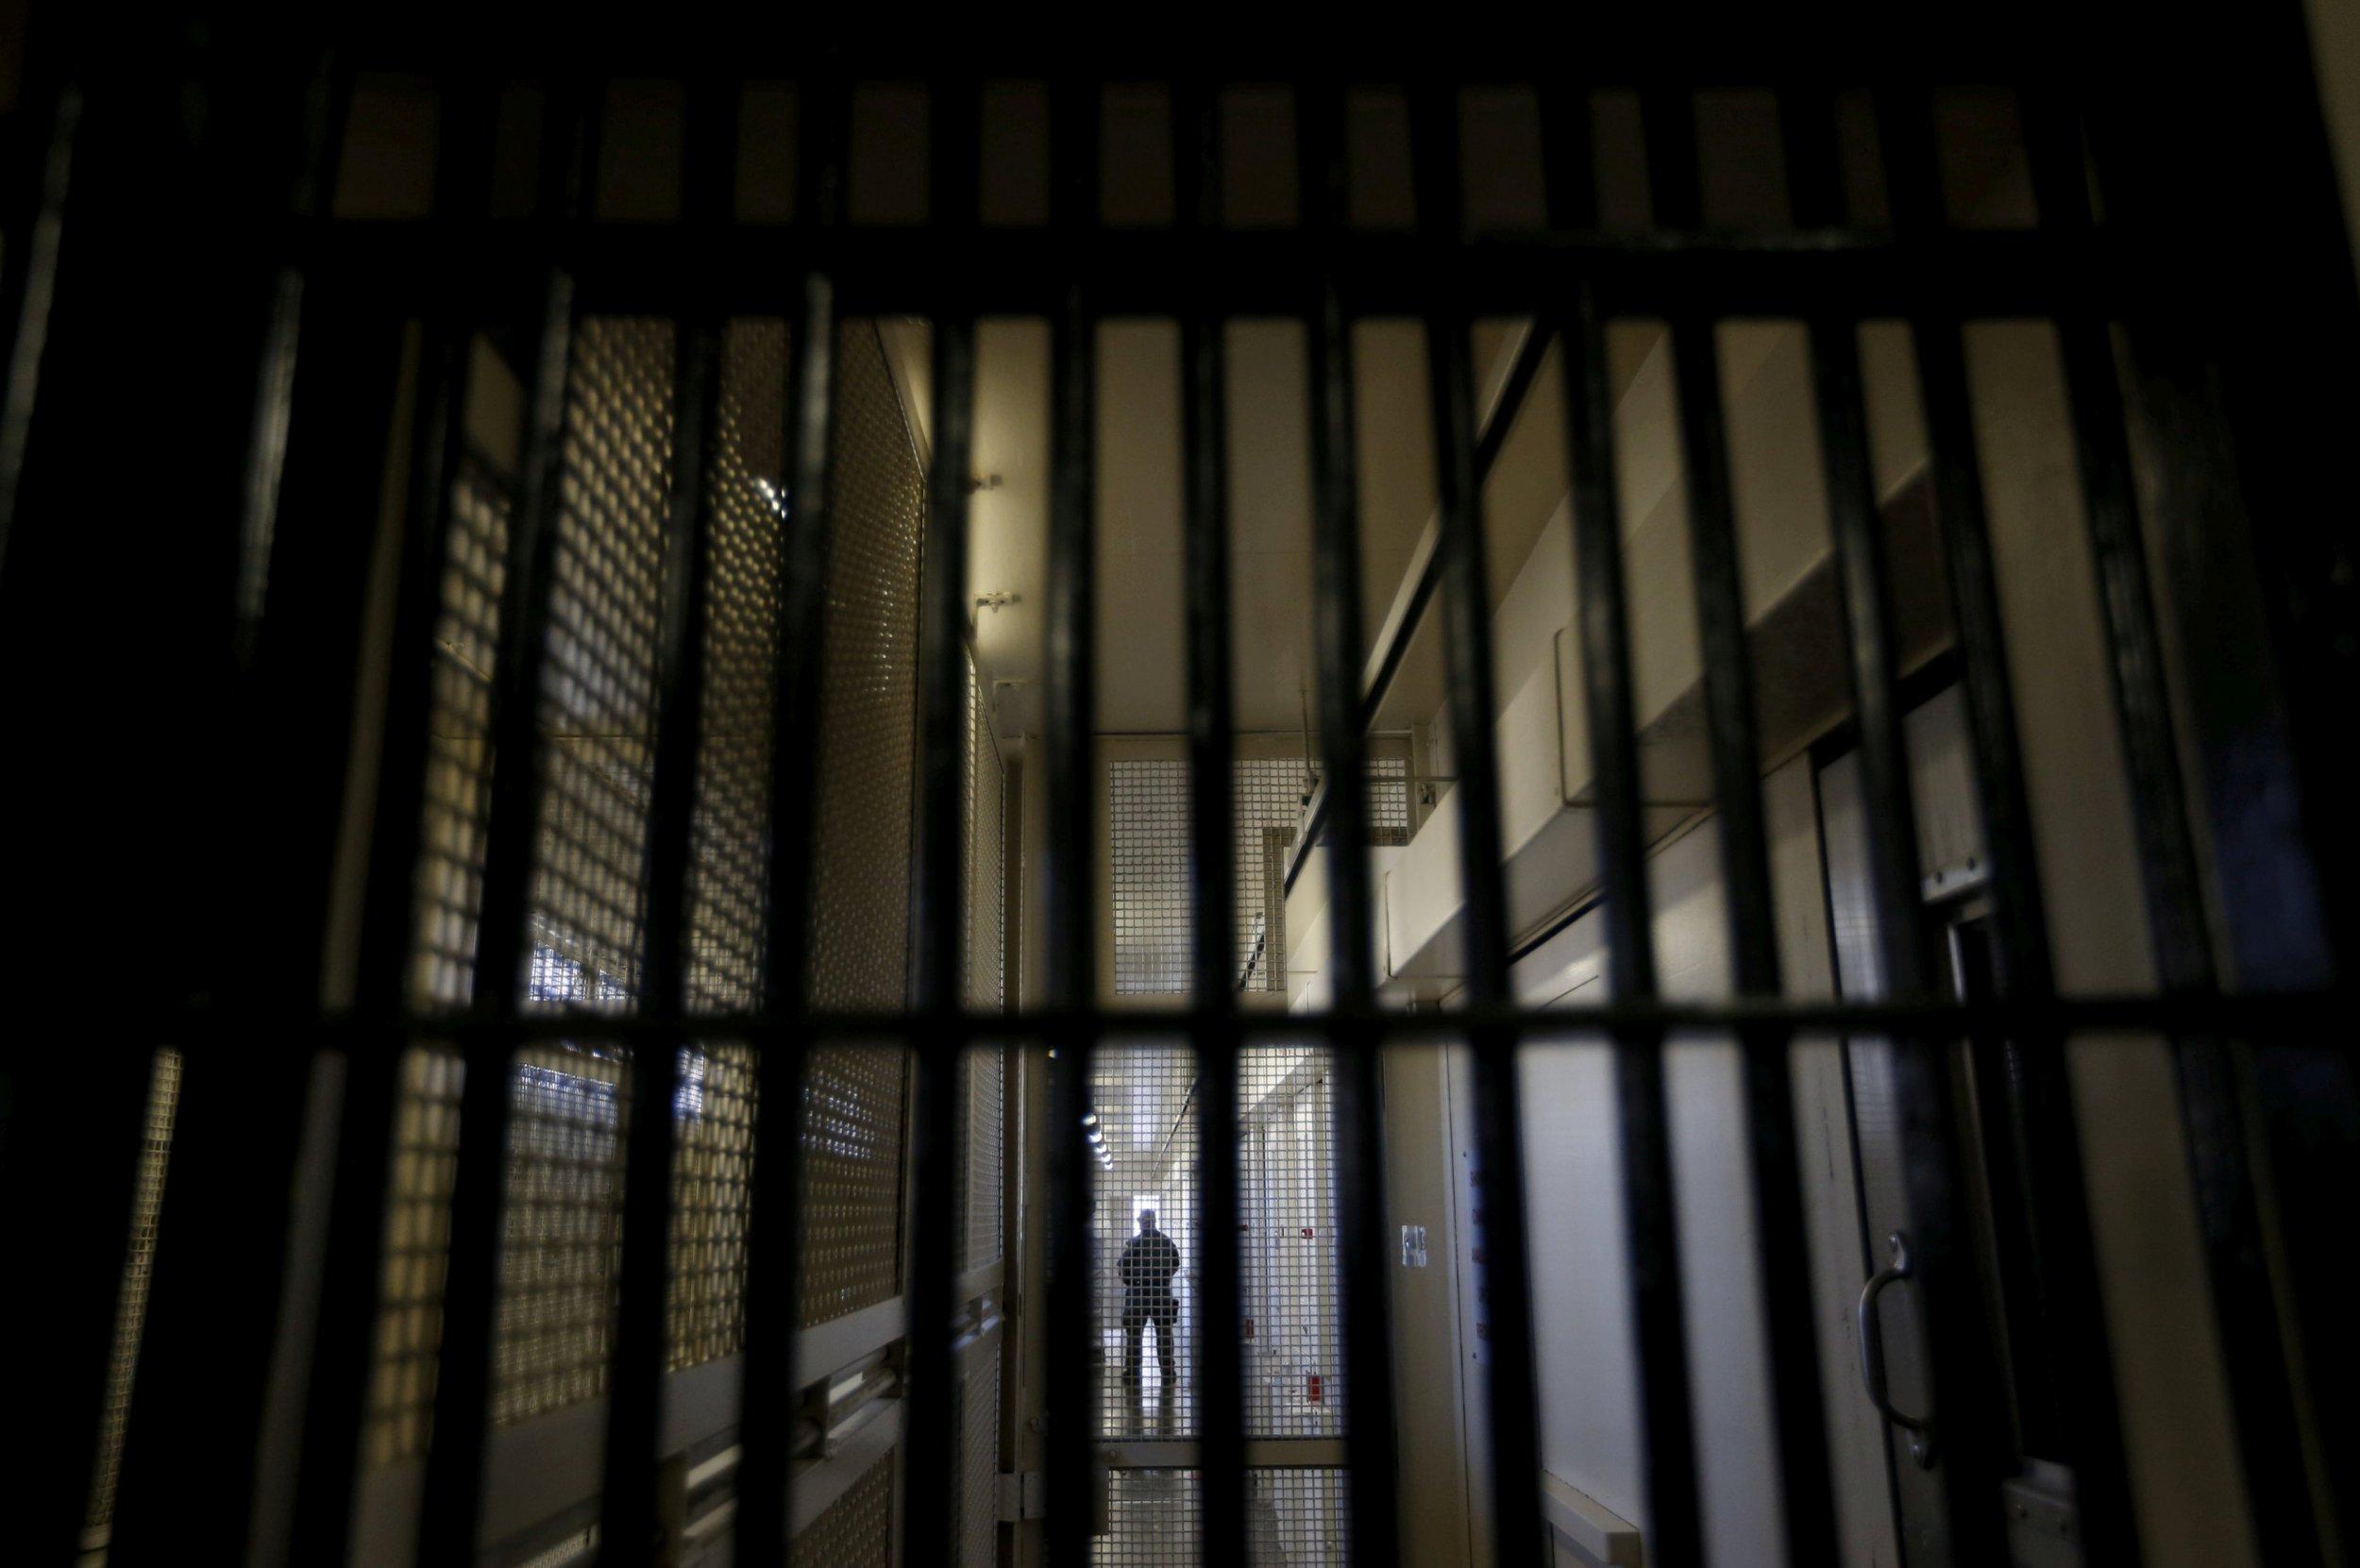 1_8_Prison_Library_Jim_Crow